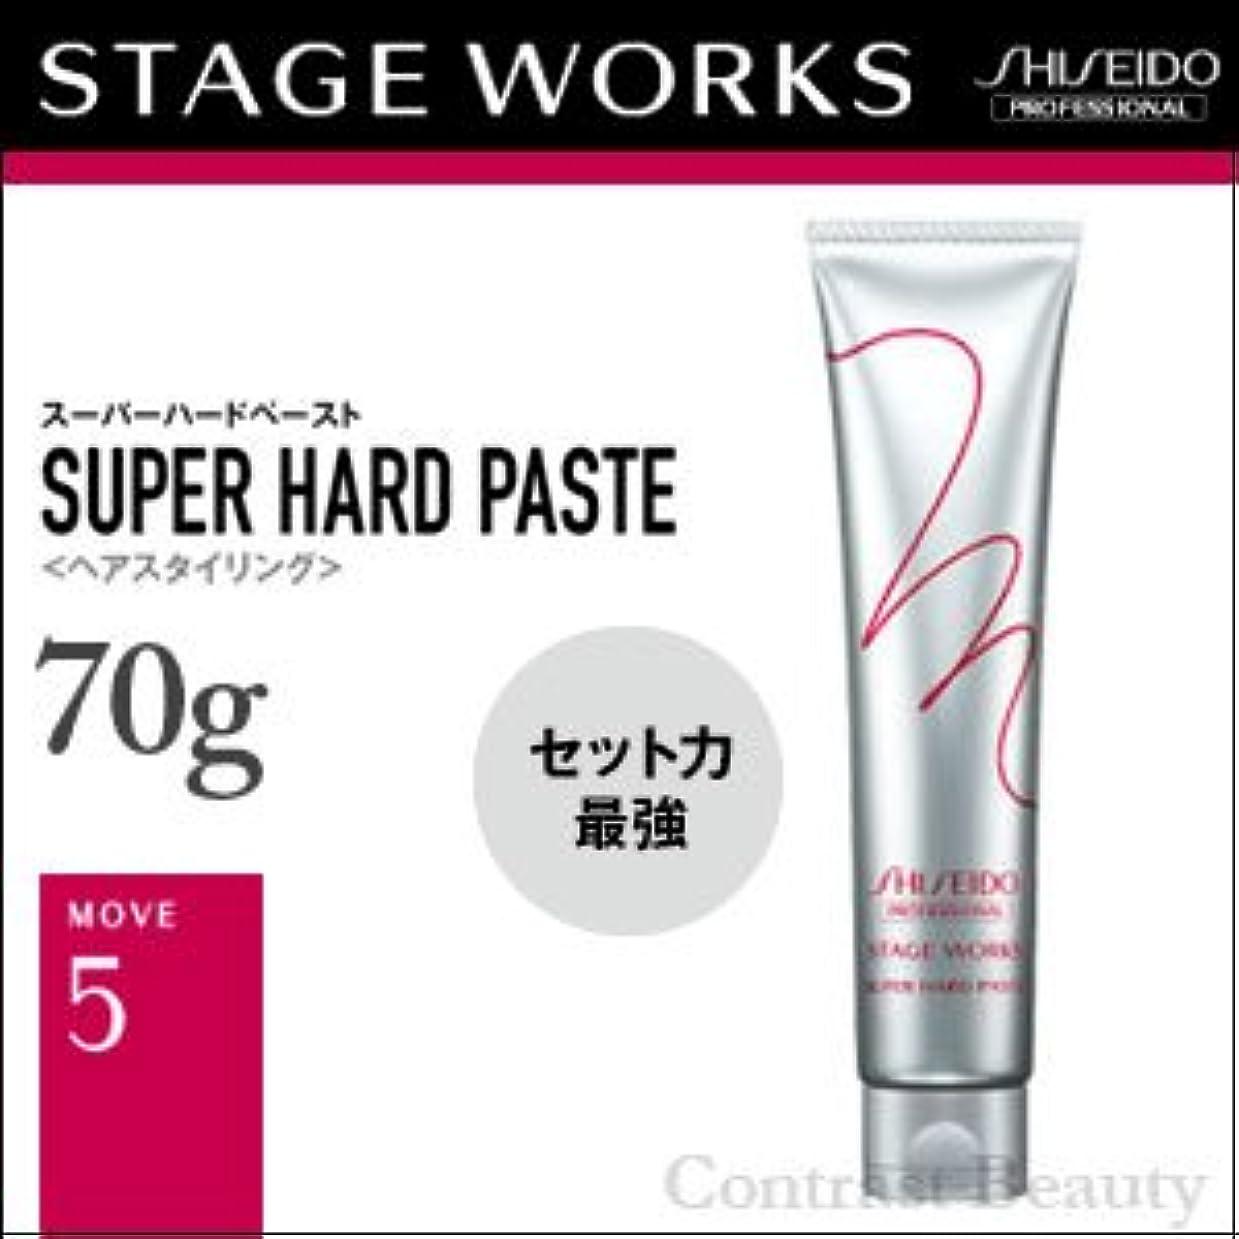 神経早熟担保【x2個セット】 資生堂 ステージワークス ムーブ5 スーパーハードペースト 70g